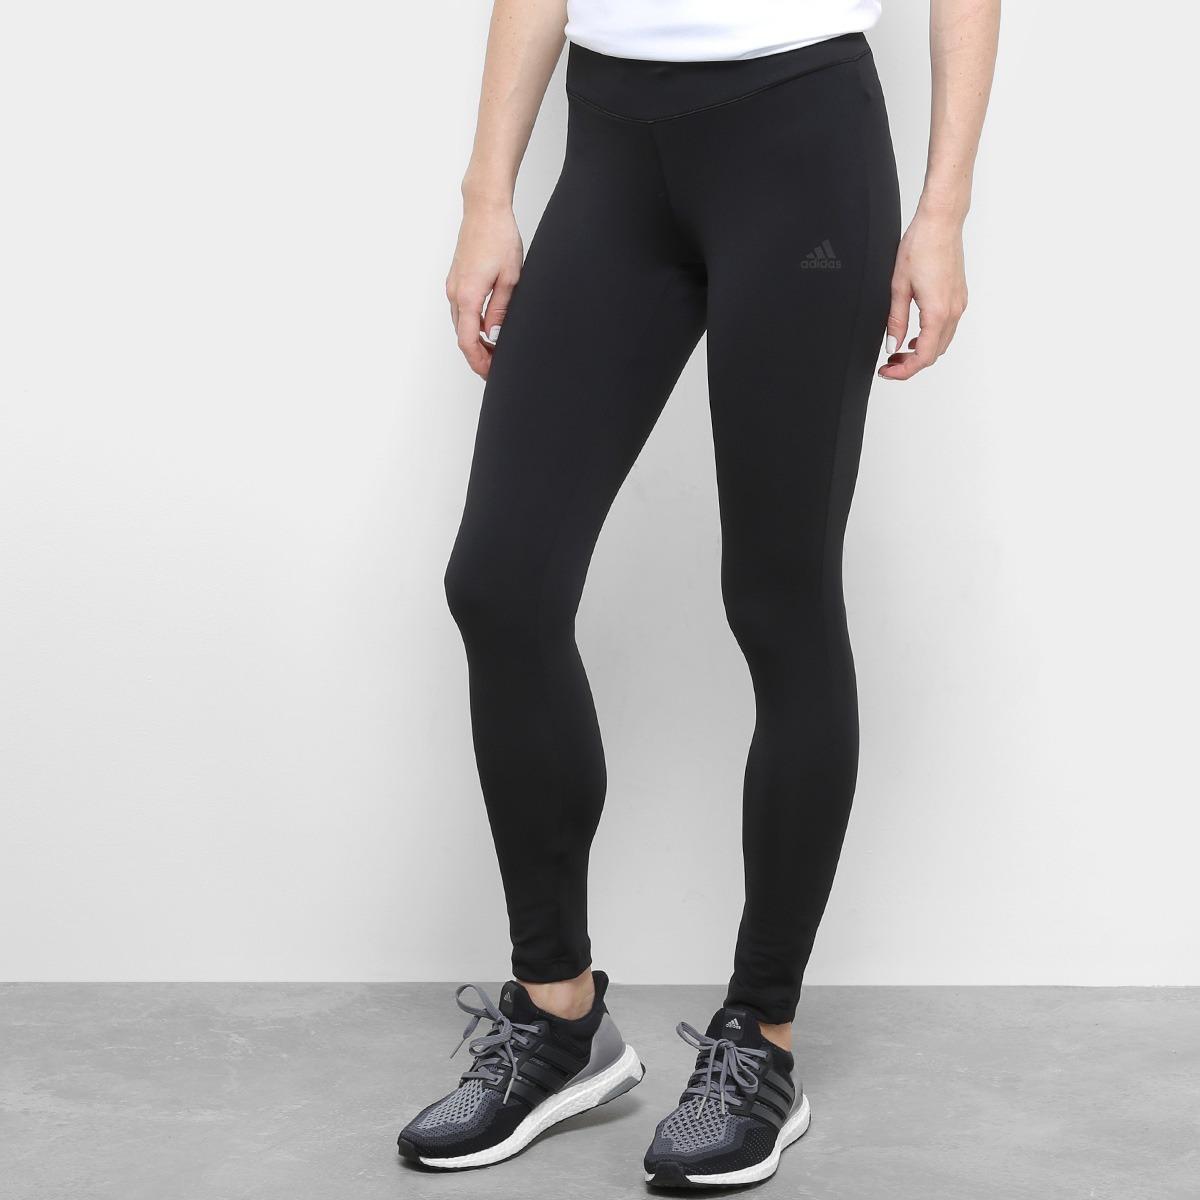 a02e83bd9 calça legging adidas feminina original promoção jp sports. Carregando zoom.